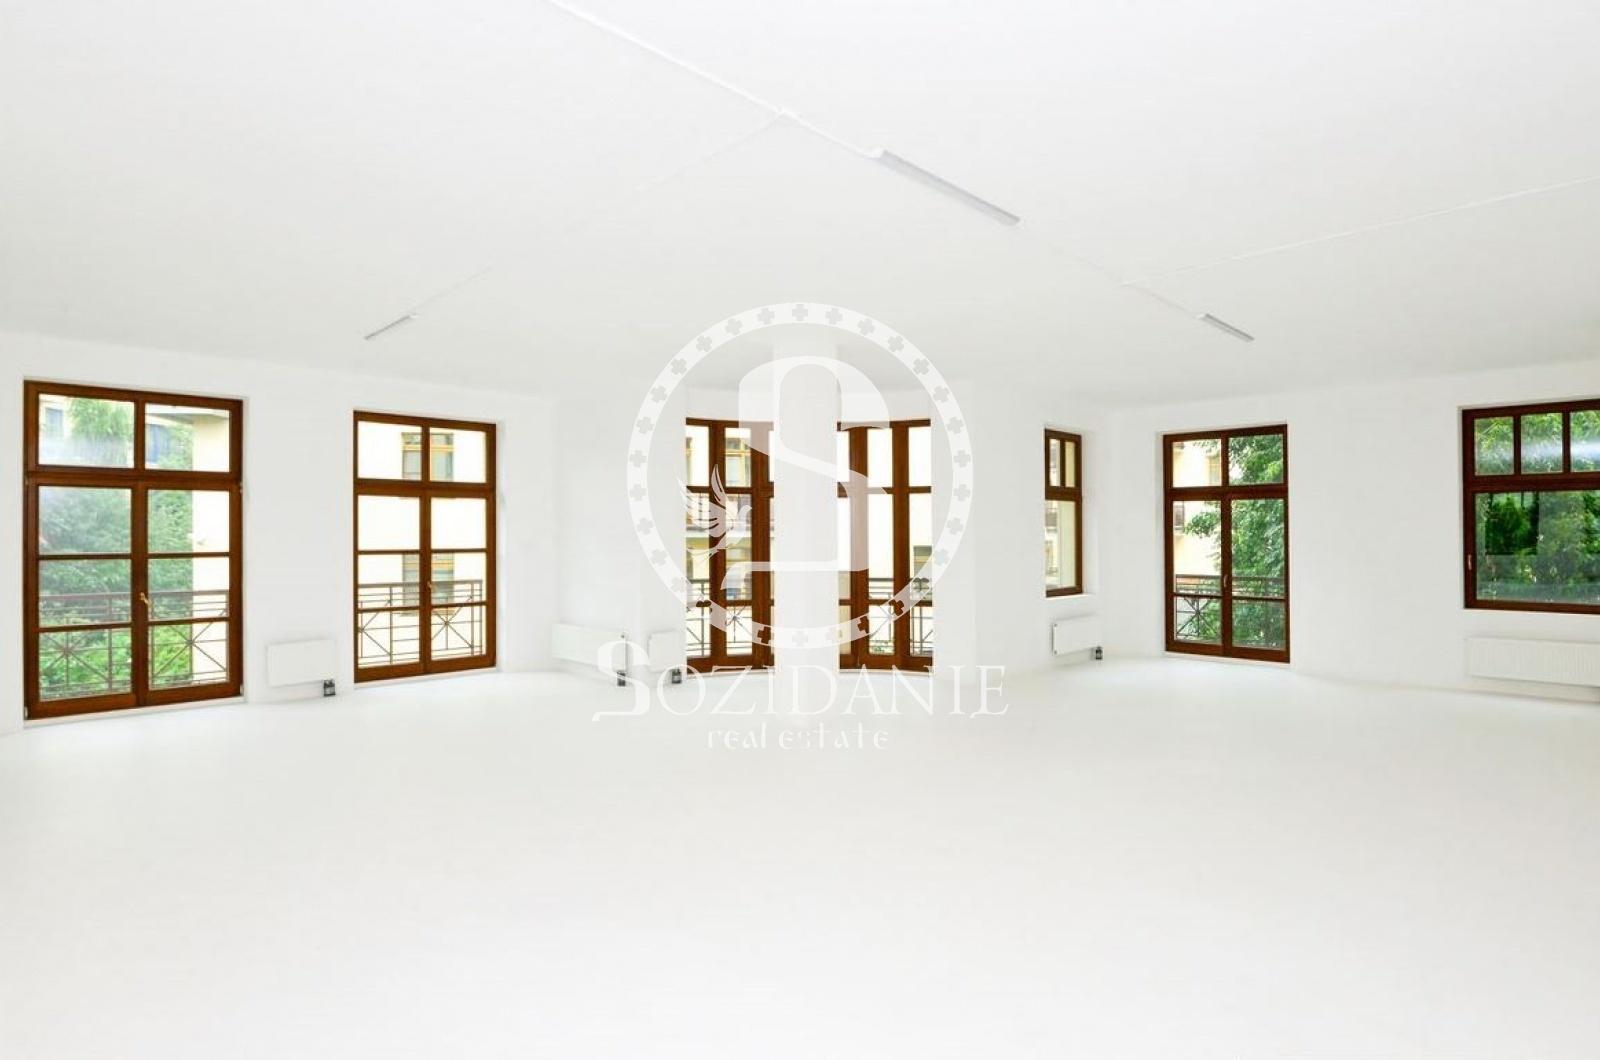 18 Комнаты, Городская, Продажа, Молочный переулок, Listing ID 3475, Москва, Россия,